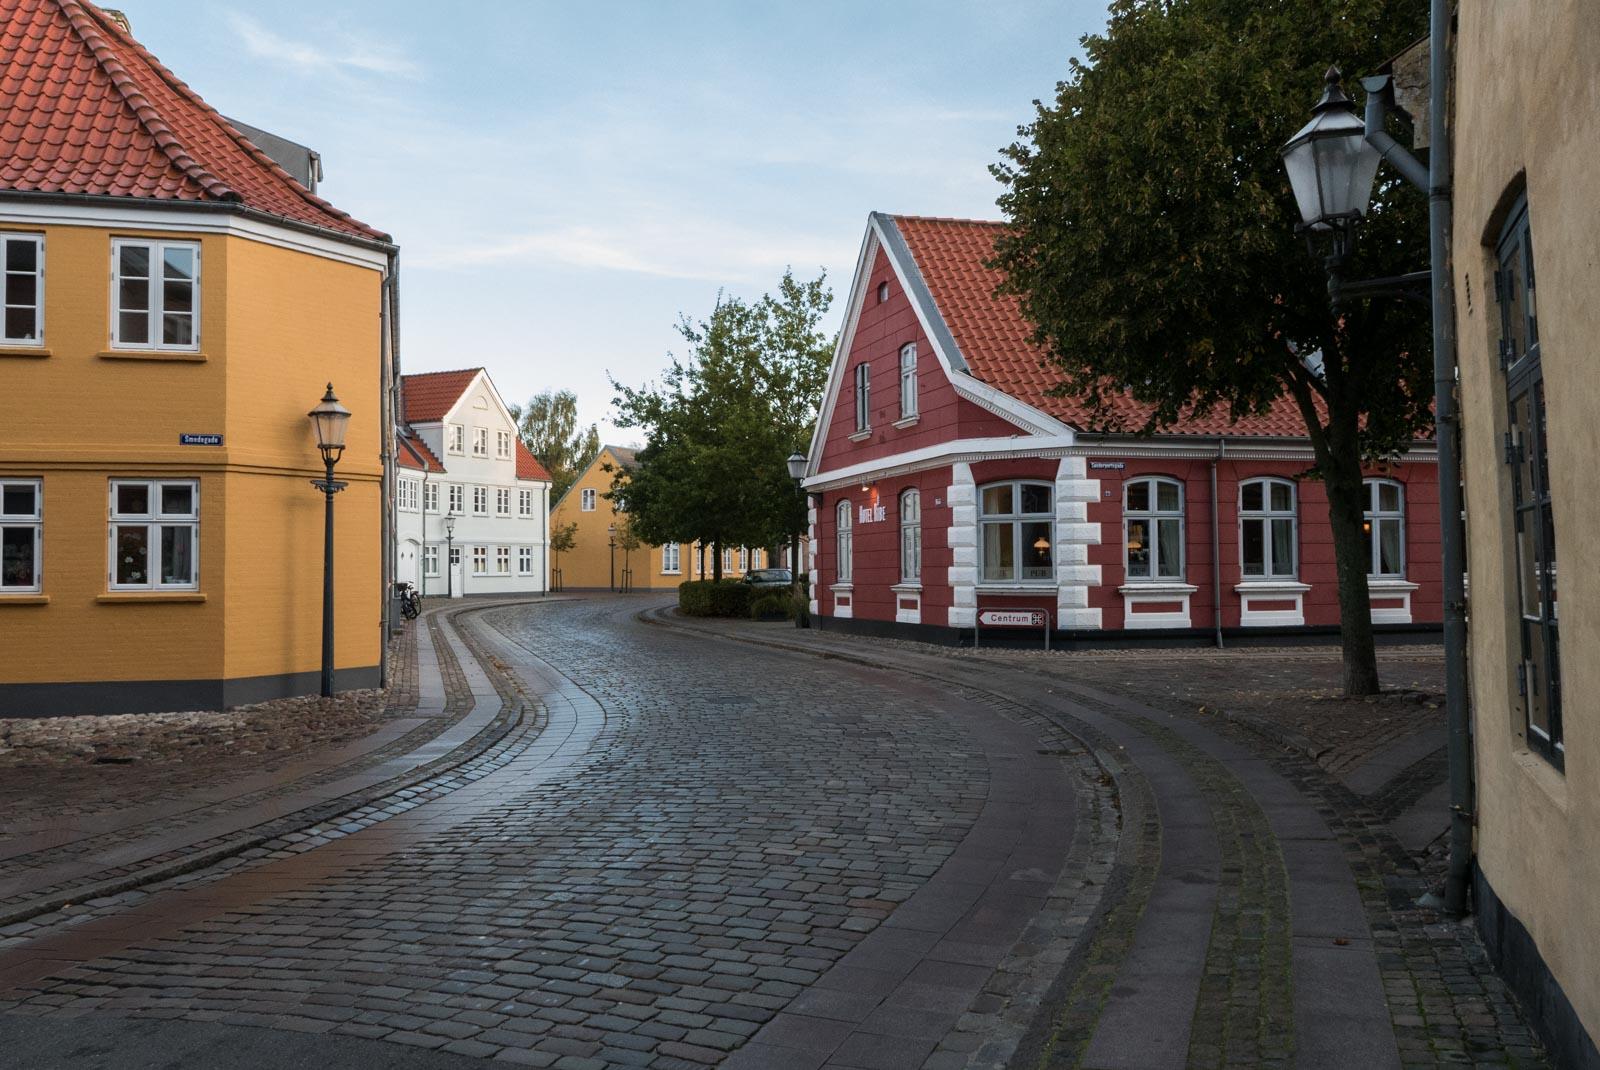 Veien forbi Ribe Hotel og inn mot torget og Domkirken